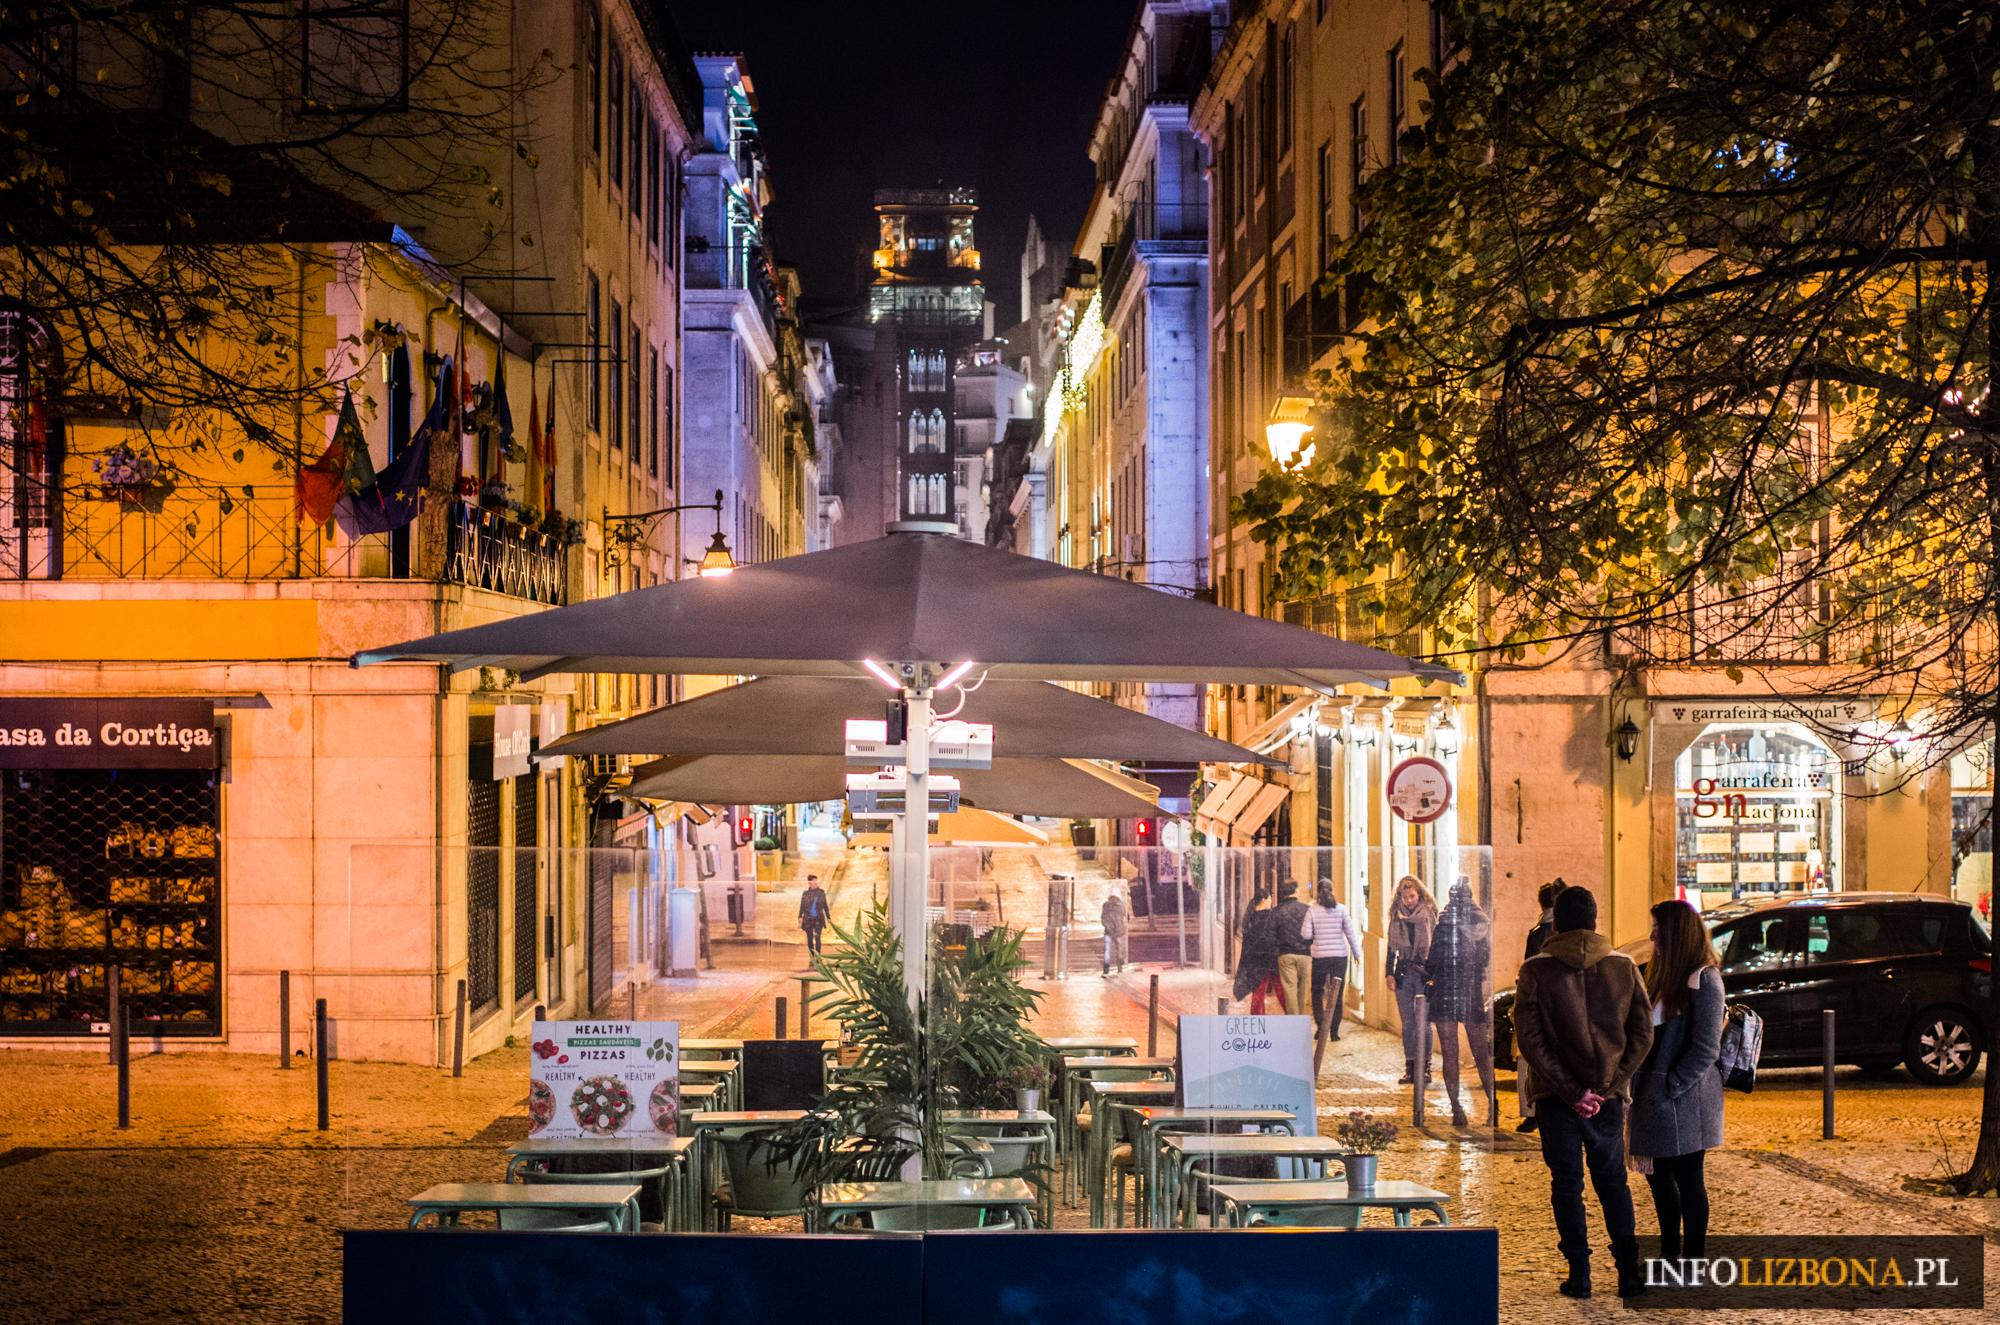 Boas Festas Portugalia Życzenia Portugalskie po portugalsku Wesołych Świąt Dobrego Świętowania Wyrażenia Portugalskie Boże Narodzenie Wielkanoc Przewodnik Życzenie Informacje Poradnik